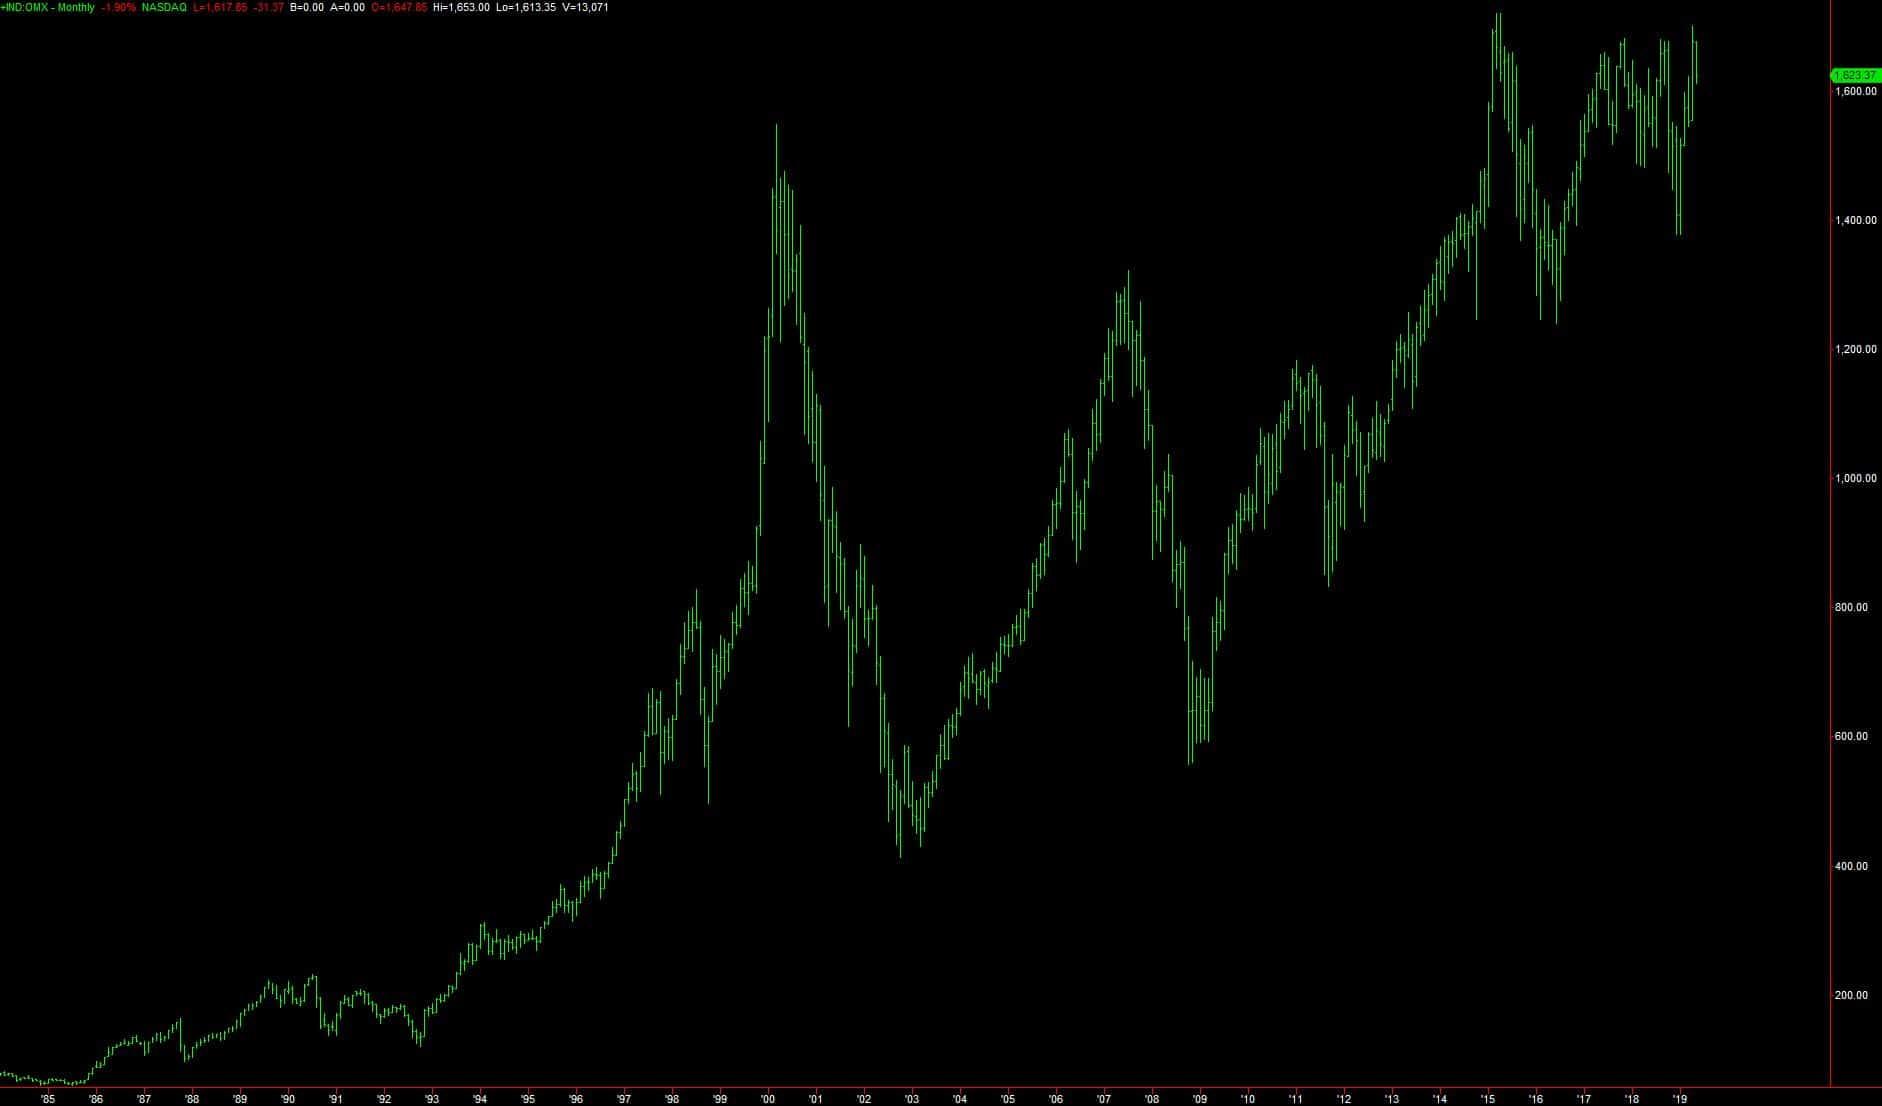 hur mycket har börsen gått upp i genomsnitt